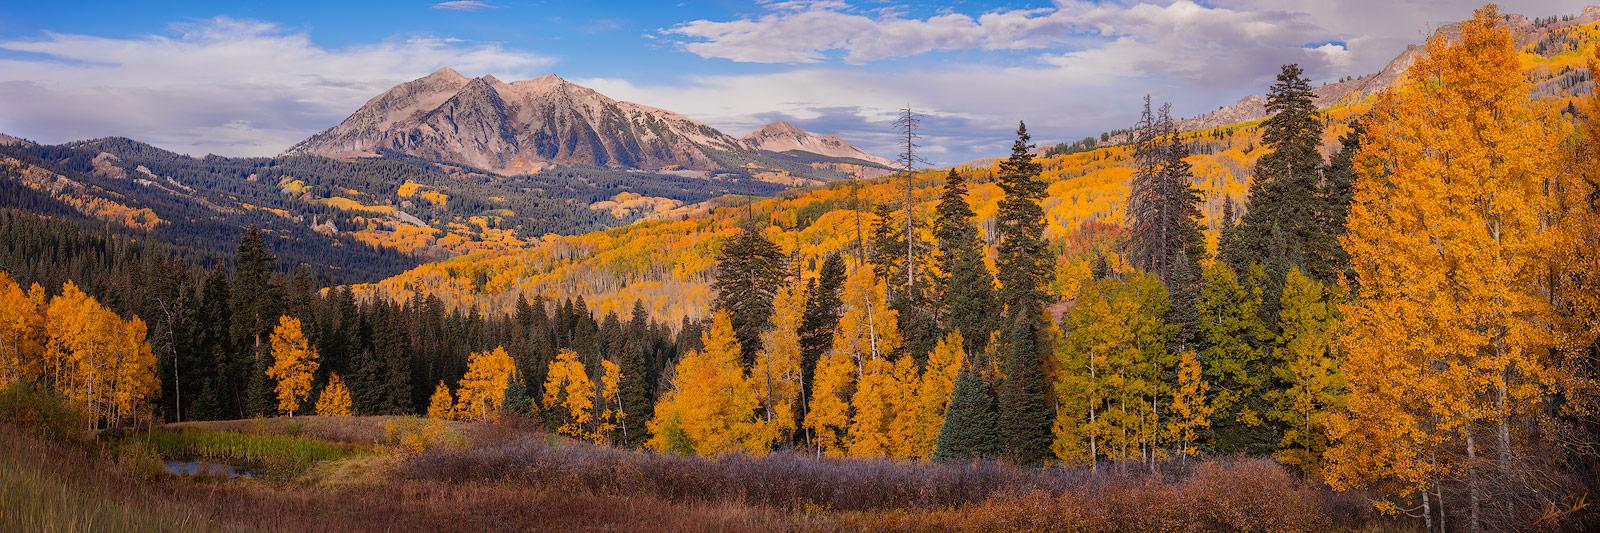 Autumn, Beckwith Mountain, CO, Colorado, Colorado Fall Color, Crested Butte, Crested Butte Fall Color, East Beckwith, East Beckwith Mountain, Elk Mountains, Fall, Fall Color, Kebler Pass, Pano, Panora, photo